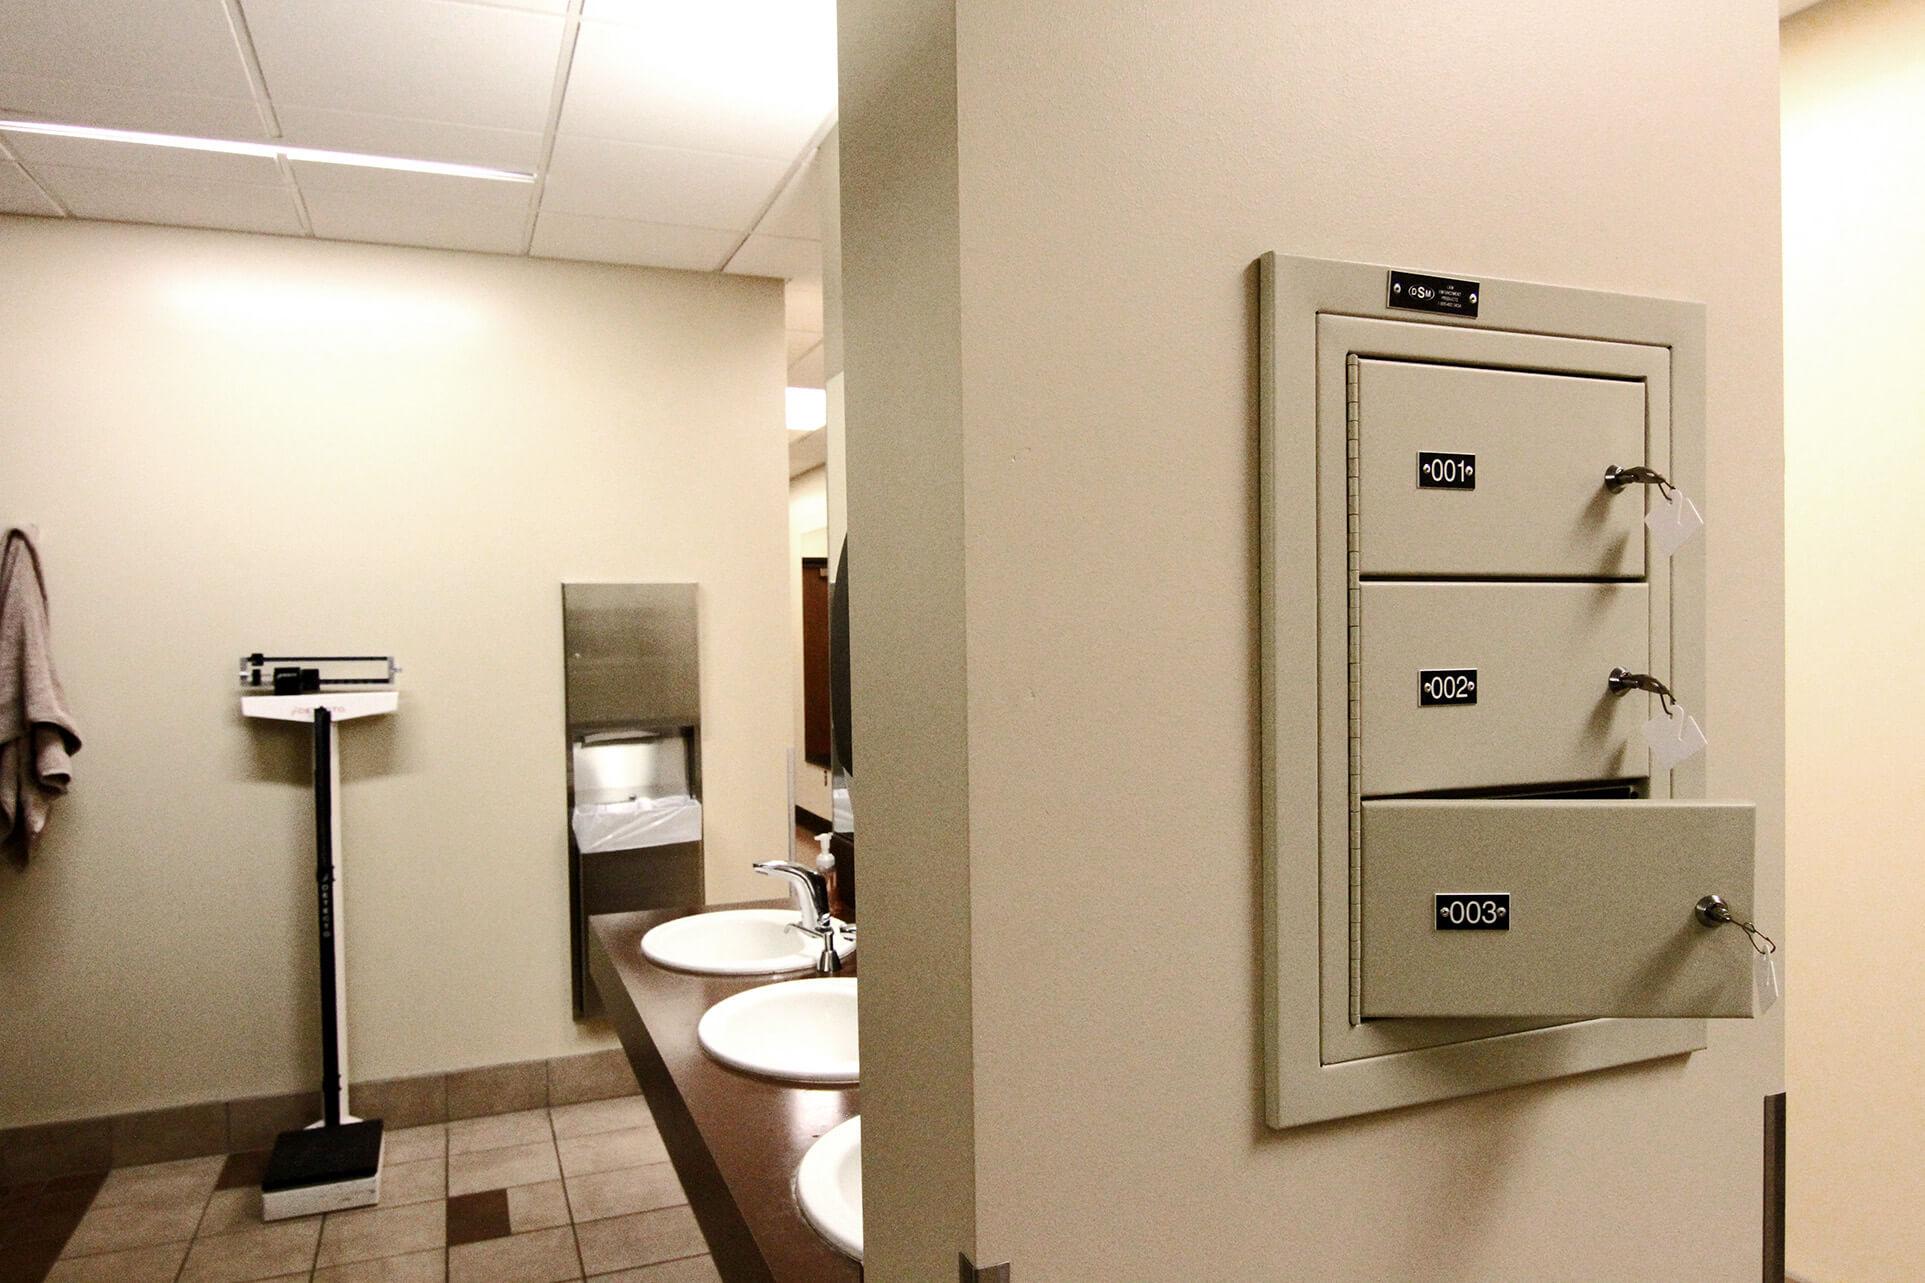 Sally port locker for gun security in locker room